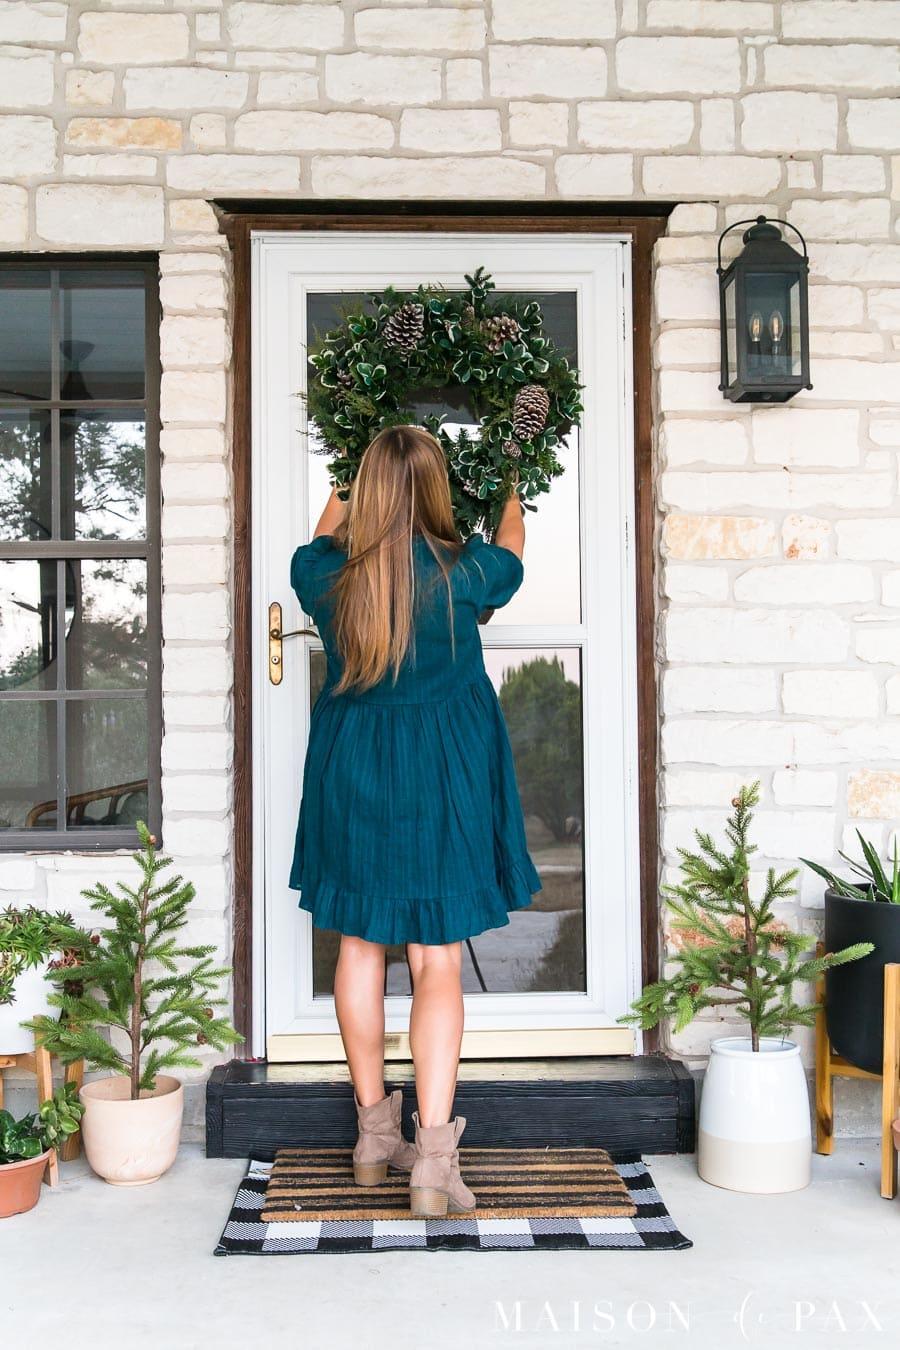 woman hanging wreath on storm door on farmhouse porch | Maison de Pax